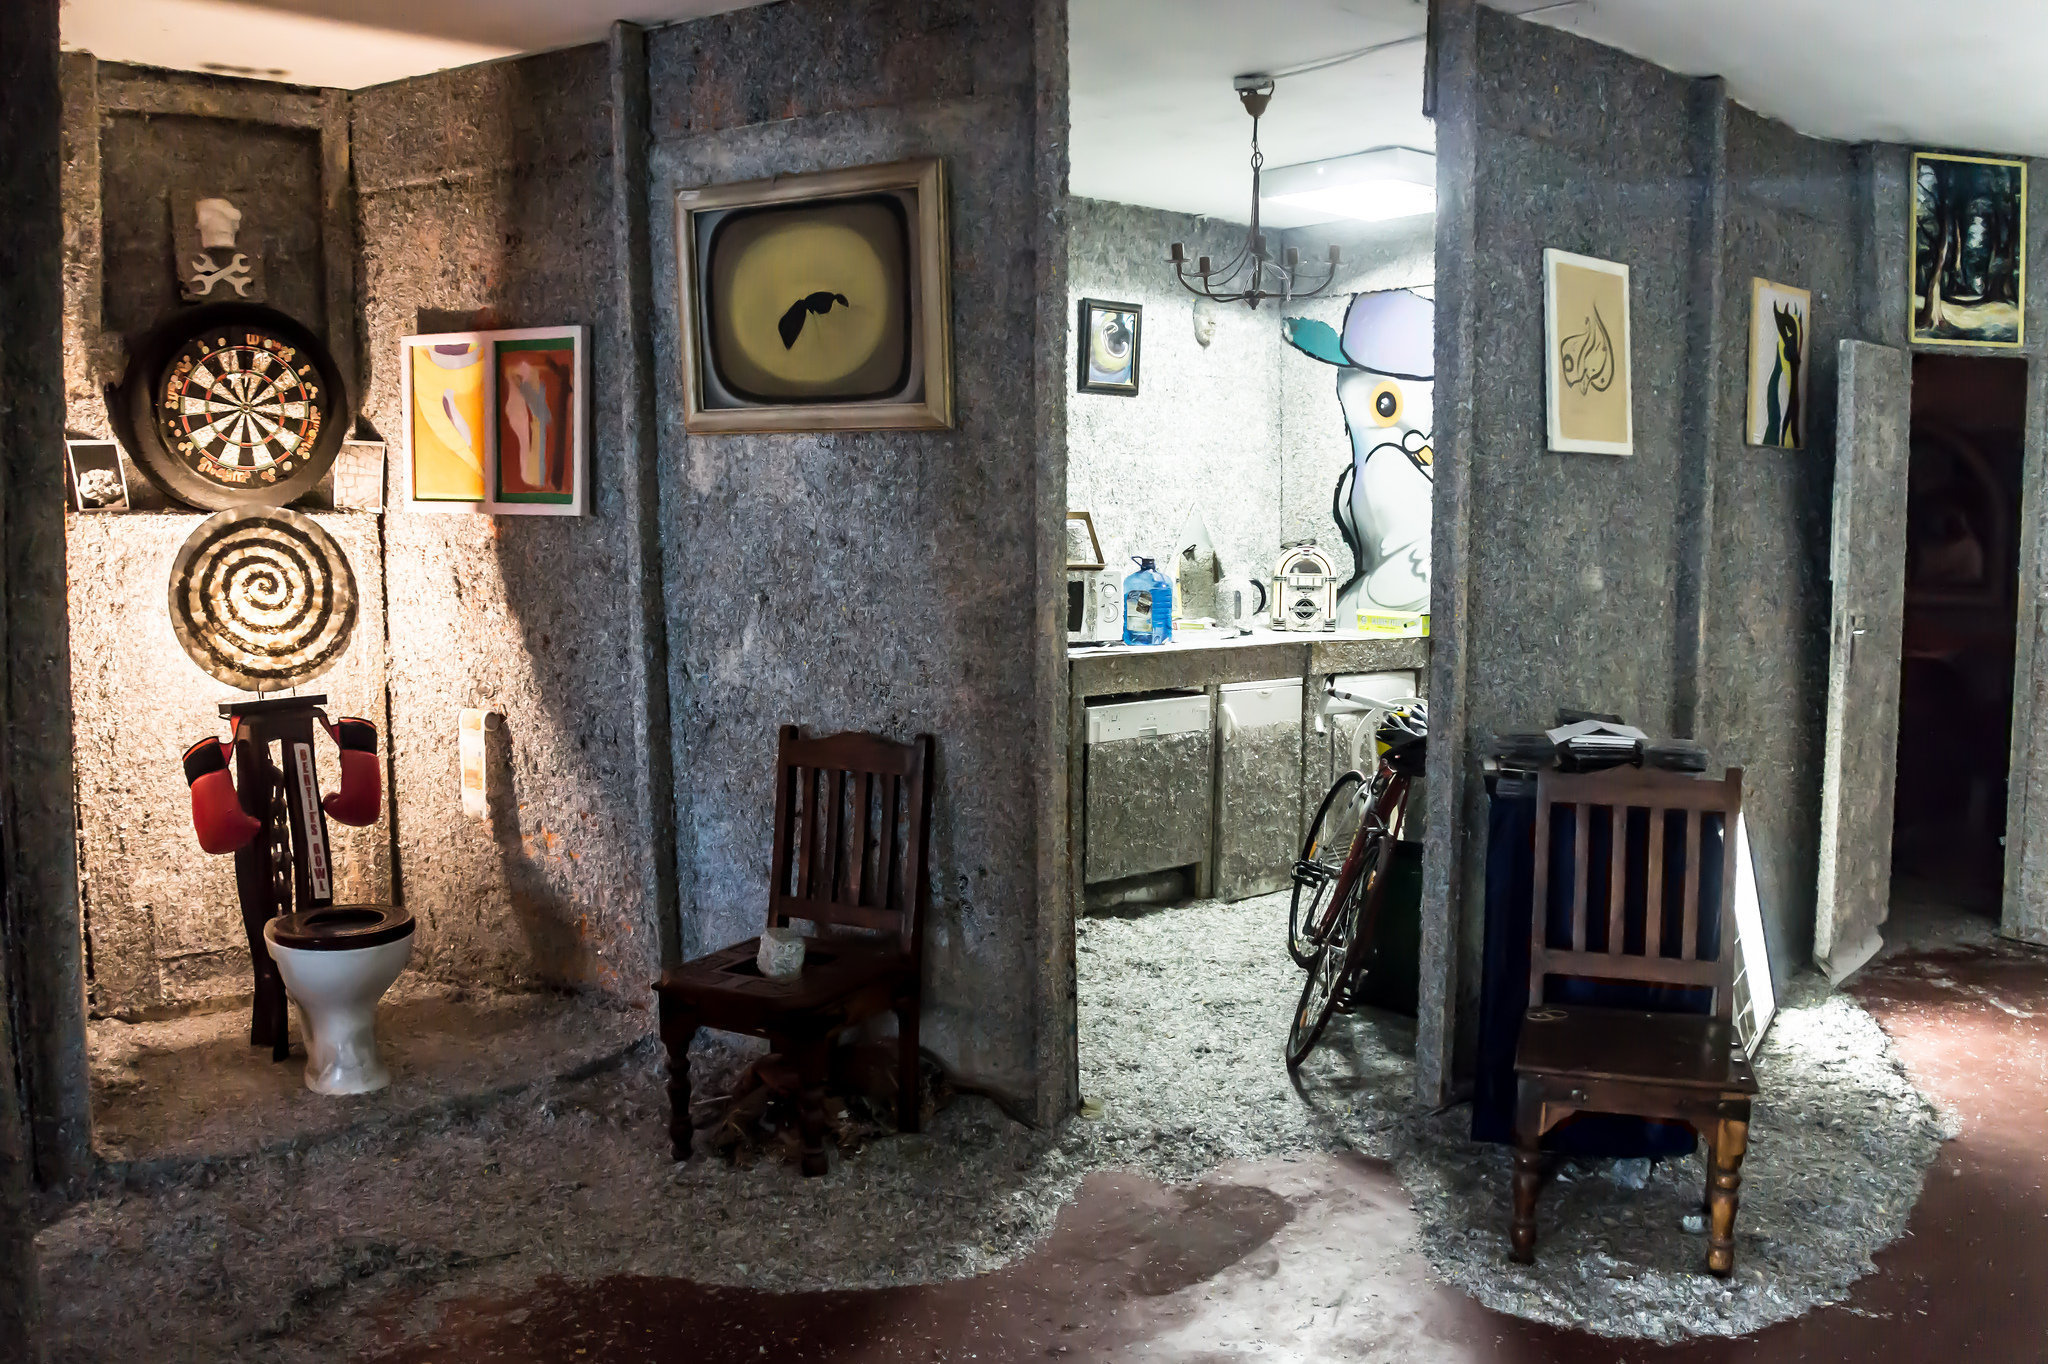 Дом из денежных купюр Фрэнка Бакли в Ирландии